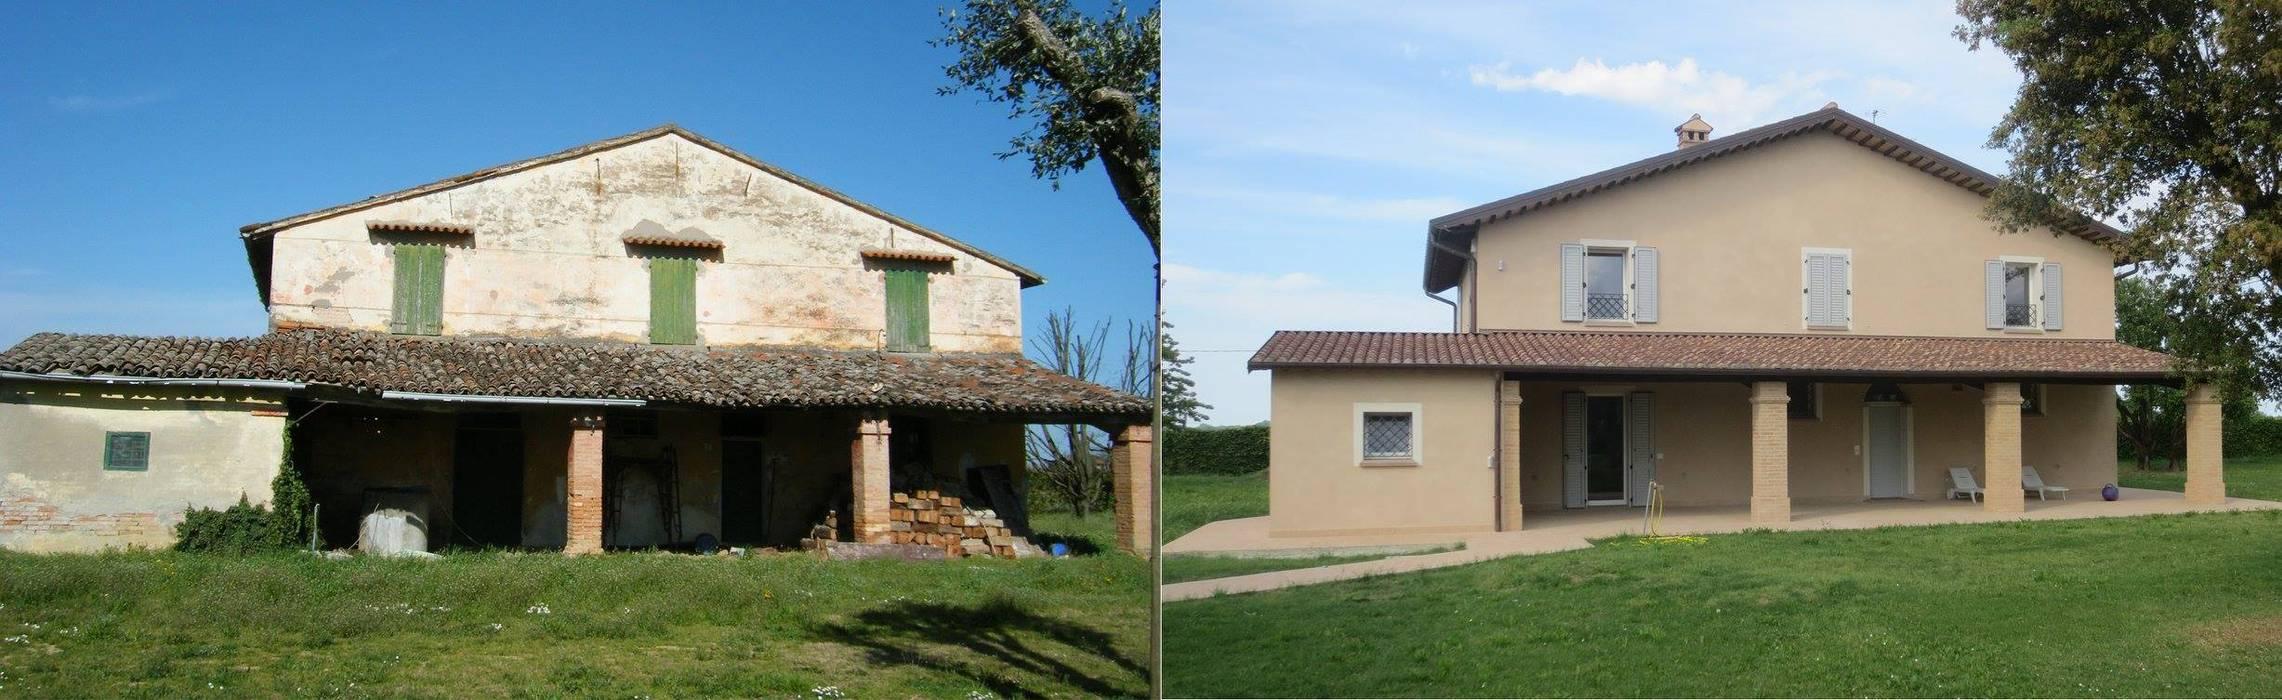 Prima e dopo.: Case in stile  di Studio tecnico Salvetti, Rurale